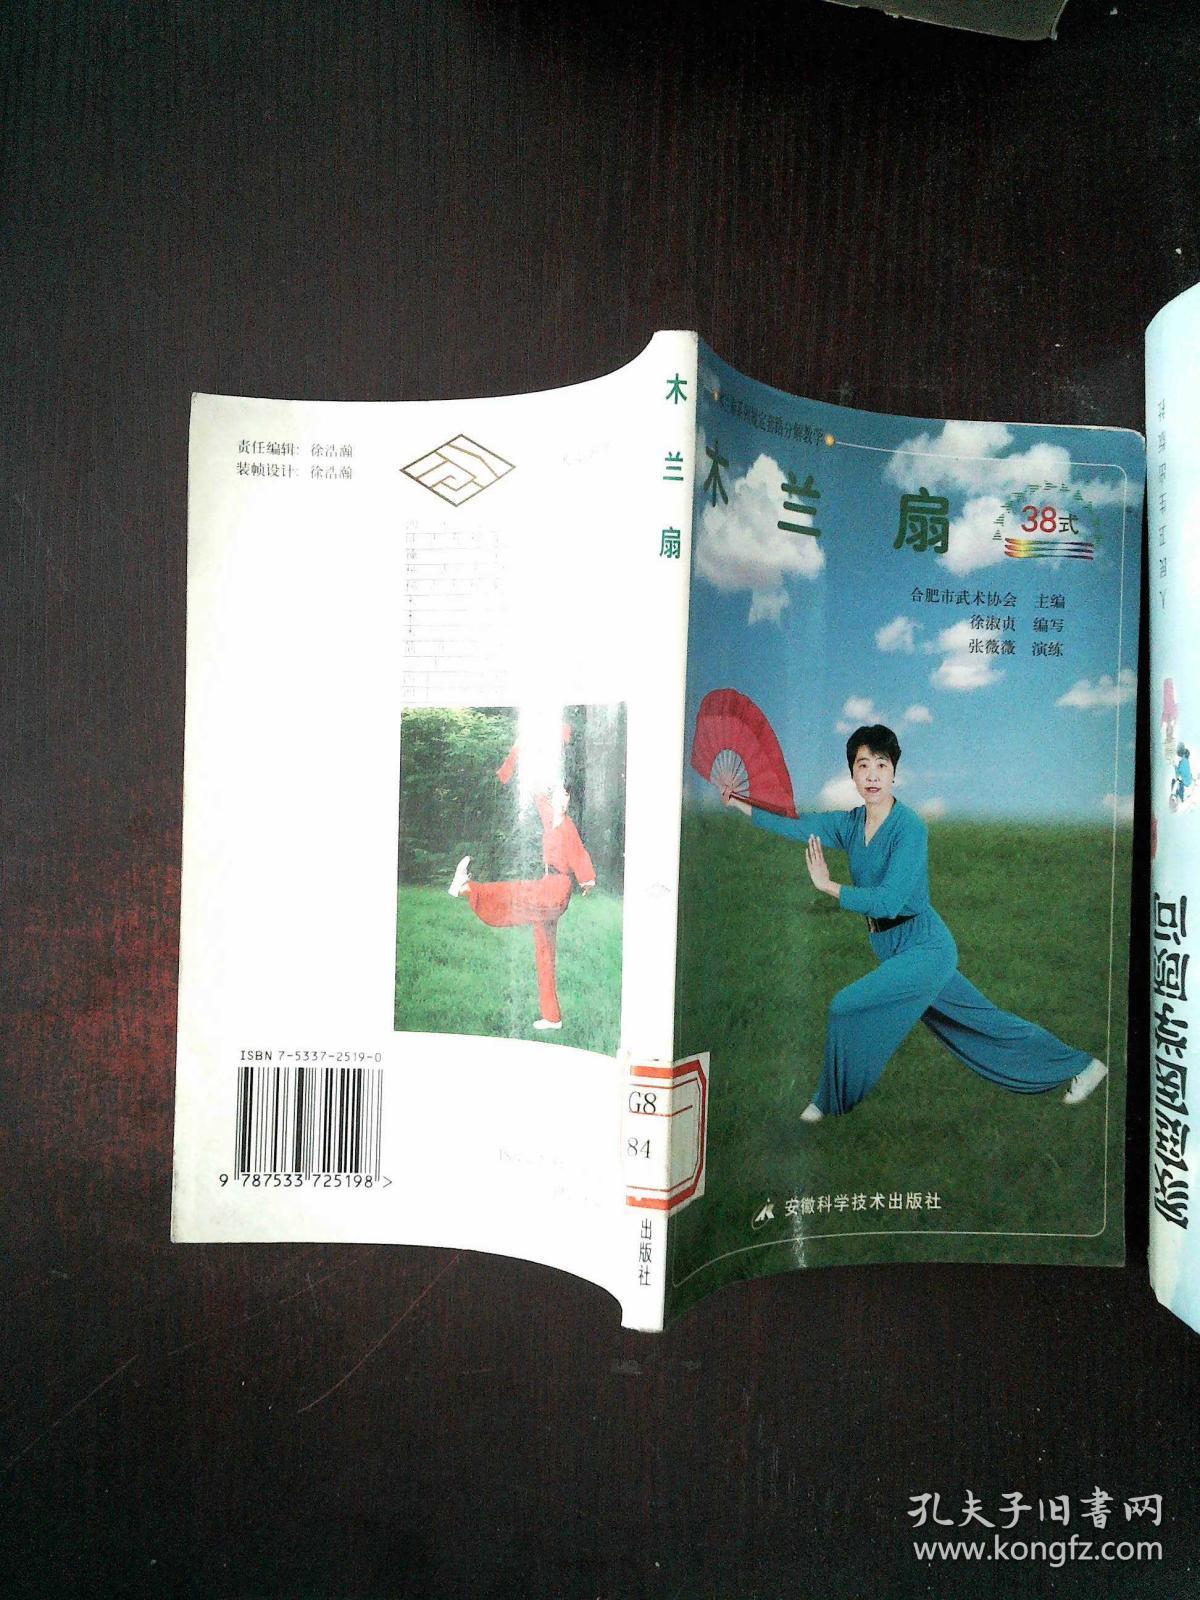 木兰拳系列规定教学分解樱桃:木兰扇(38式)红套路大手球好吃吗图片